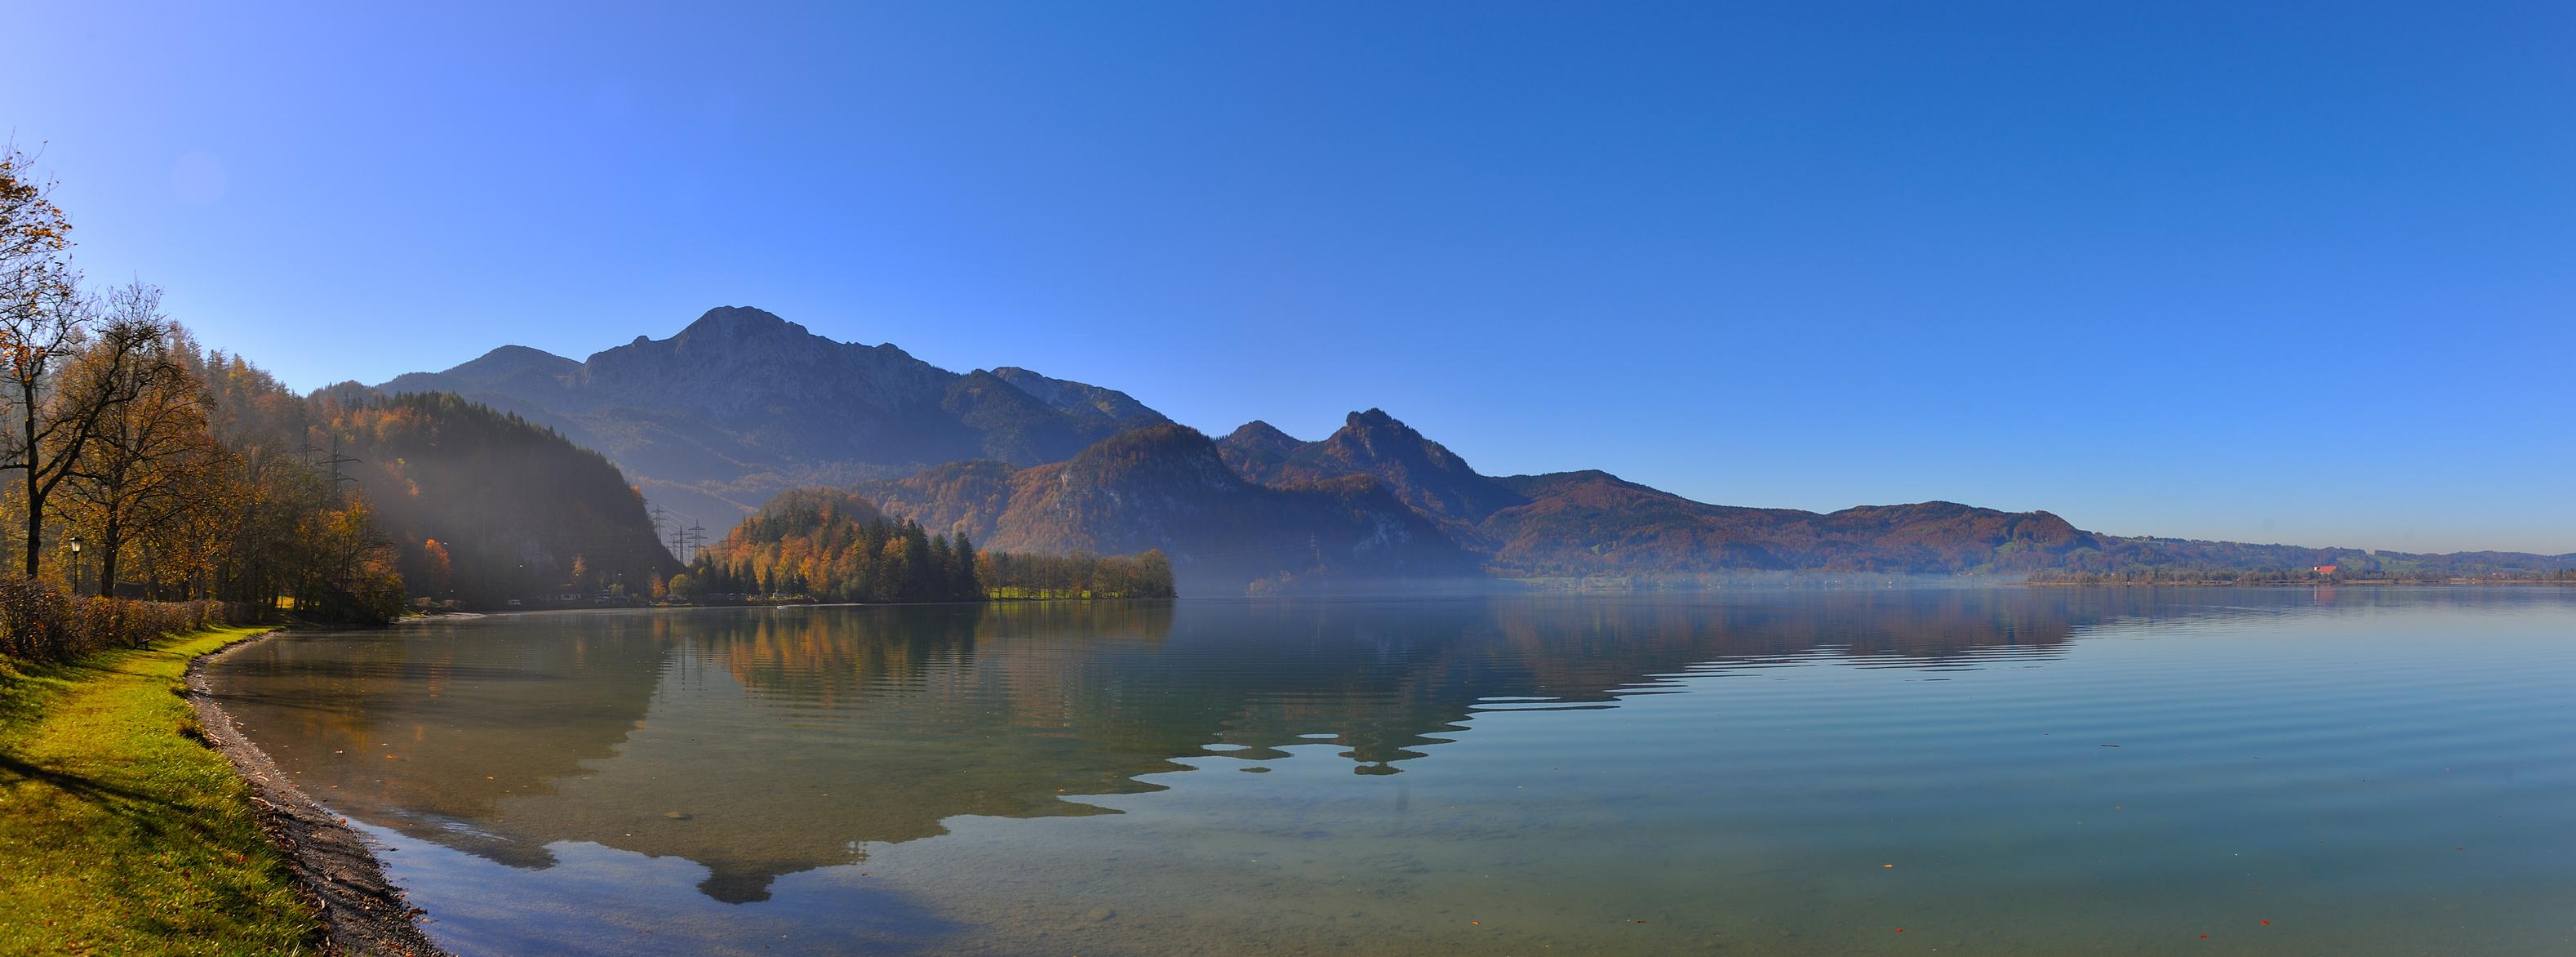 Blick über einen See mit Herbstlandschaft